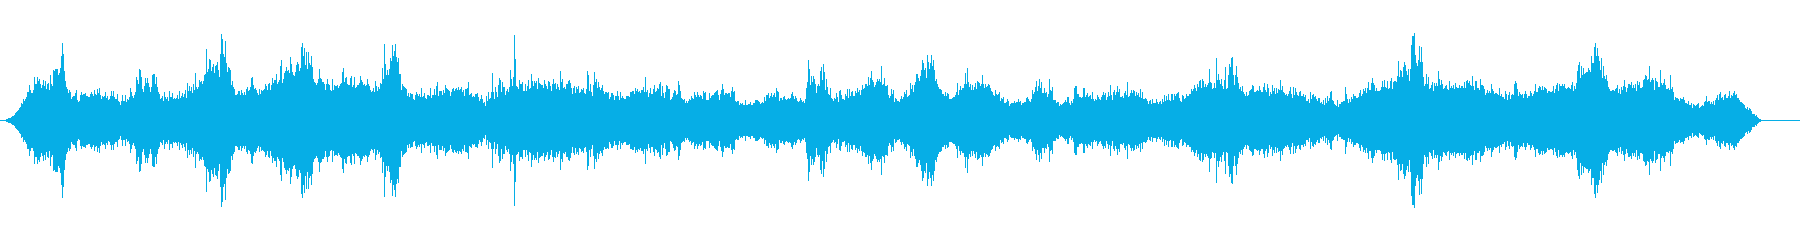 波-大-ロッキー露出海岸に対して-...の再生済みの波形